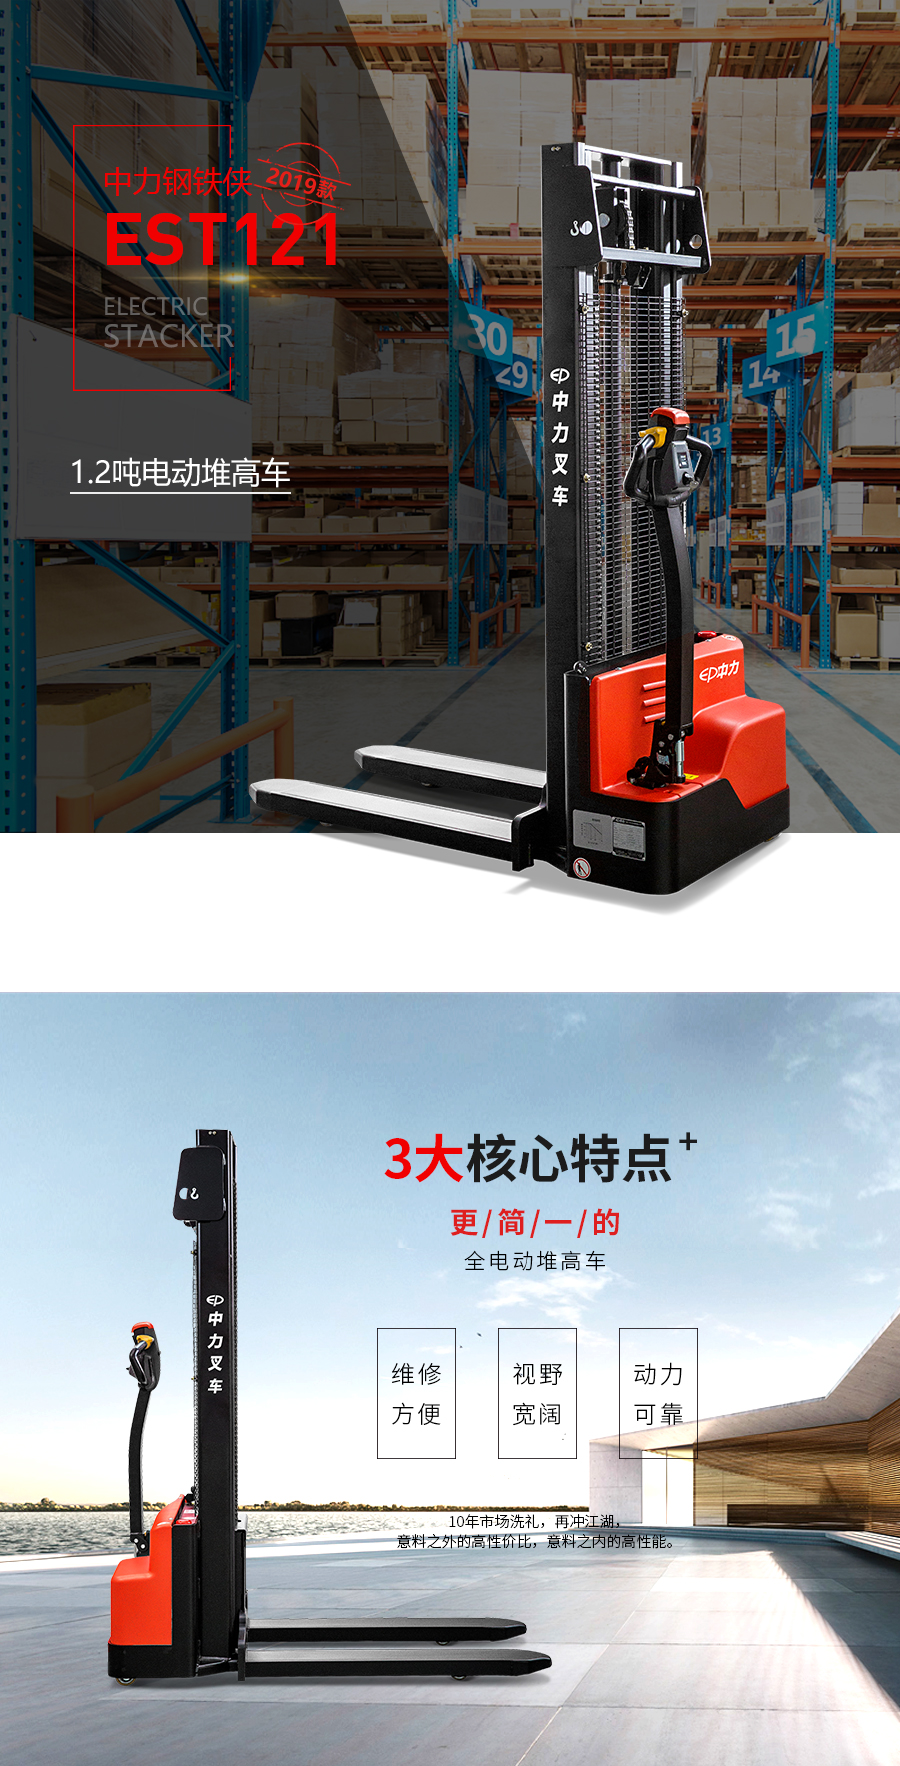 中力 EST121-1.2吨电动堆高车